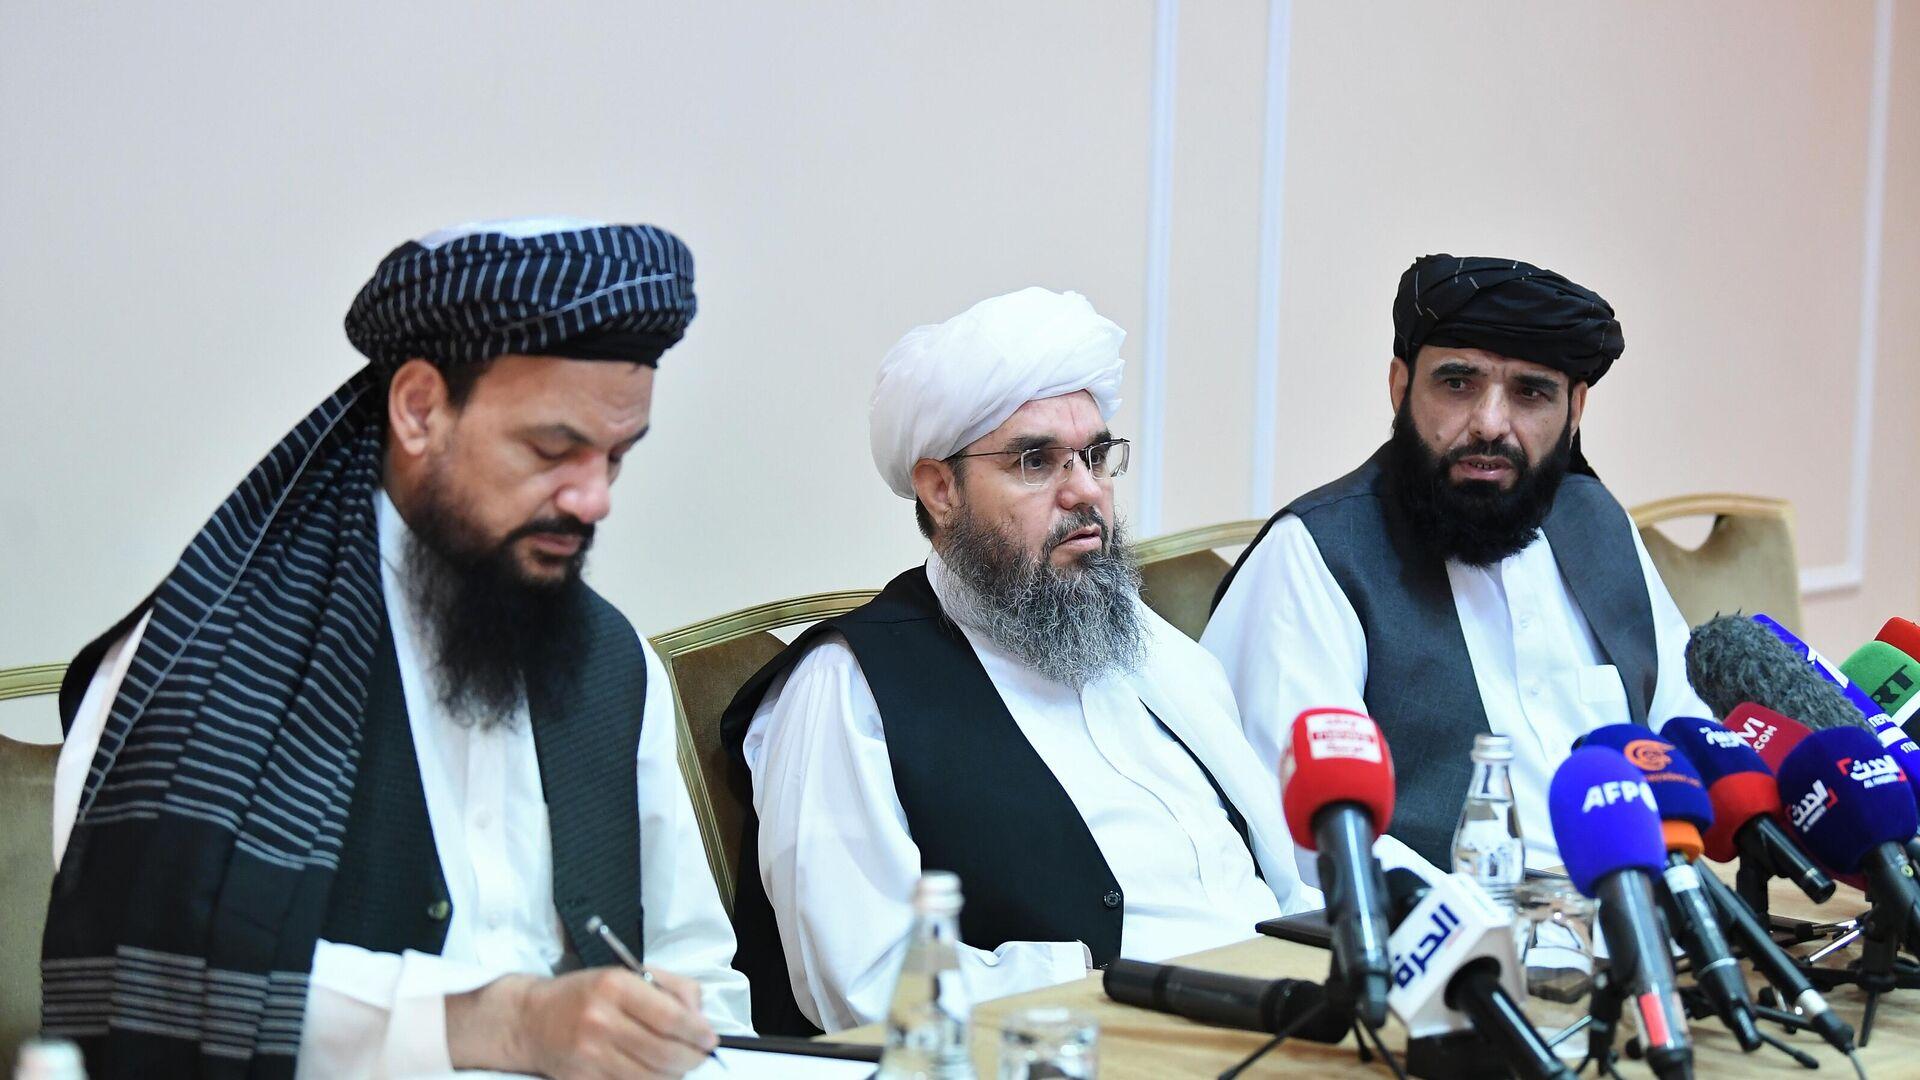 Zástupci hnutí Tálibánu (zakázané v RF) na tiskové konferenci v Moskvě - Sputnik Česká republika, 1920, 09.07.2021